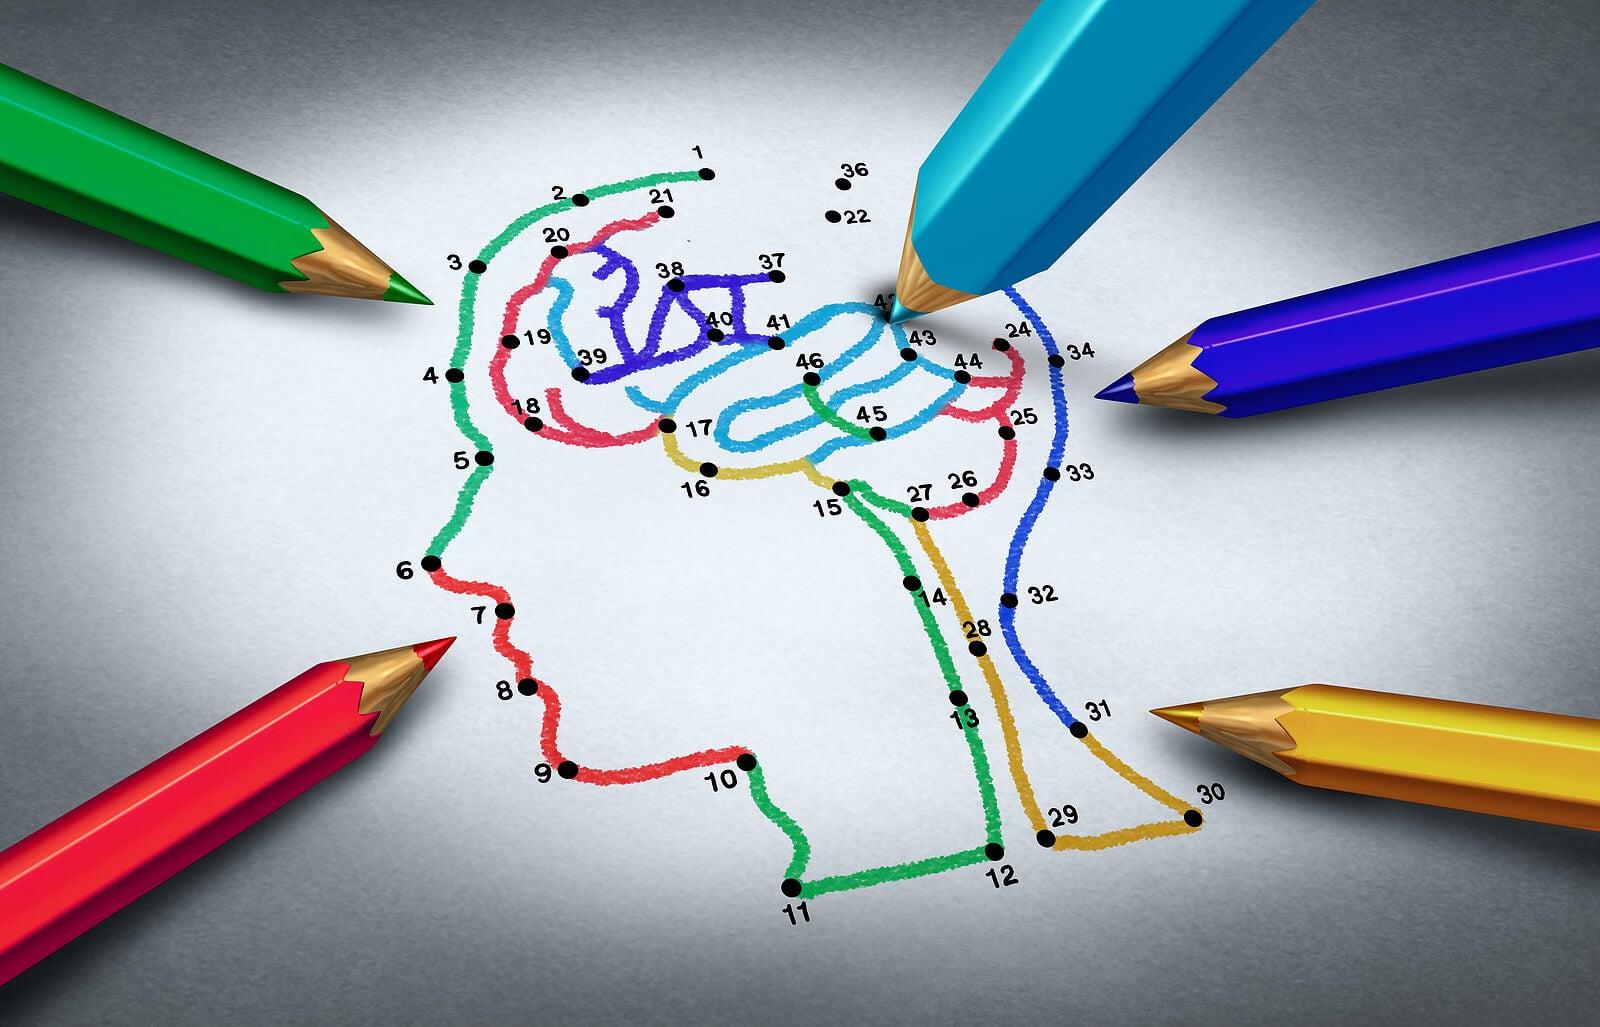 Dibujo para unir puntos, uno de los juegos de papel y lápiz para niños